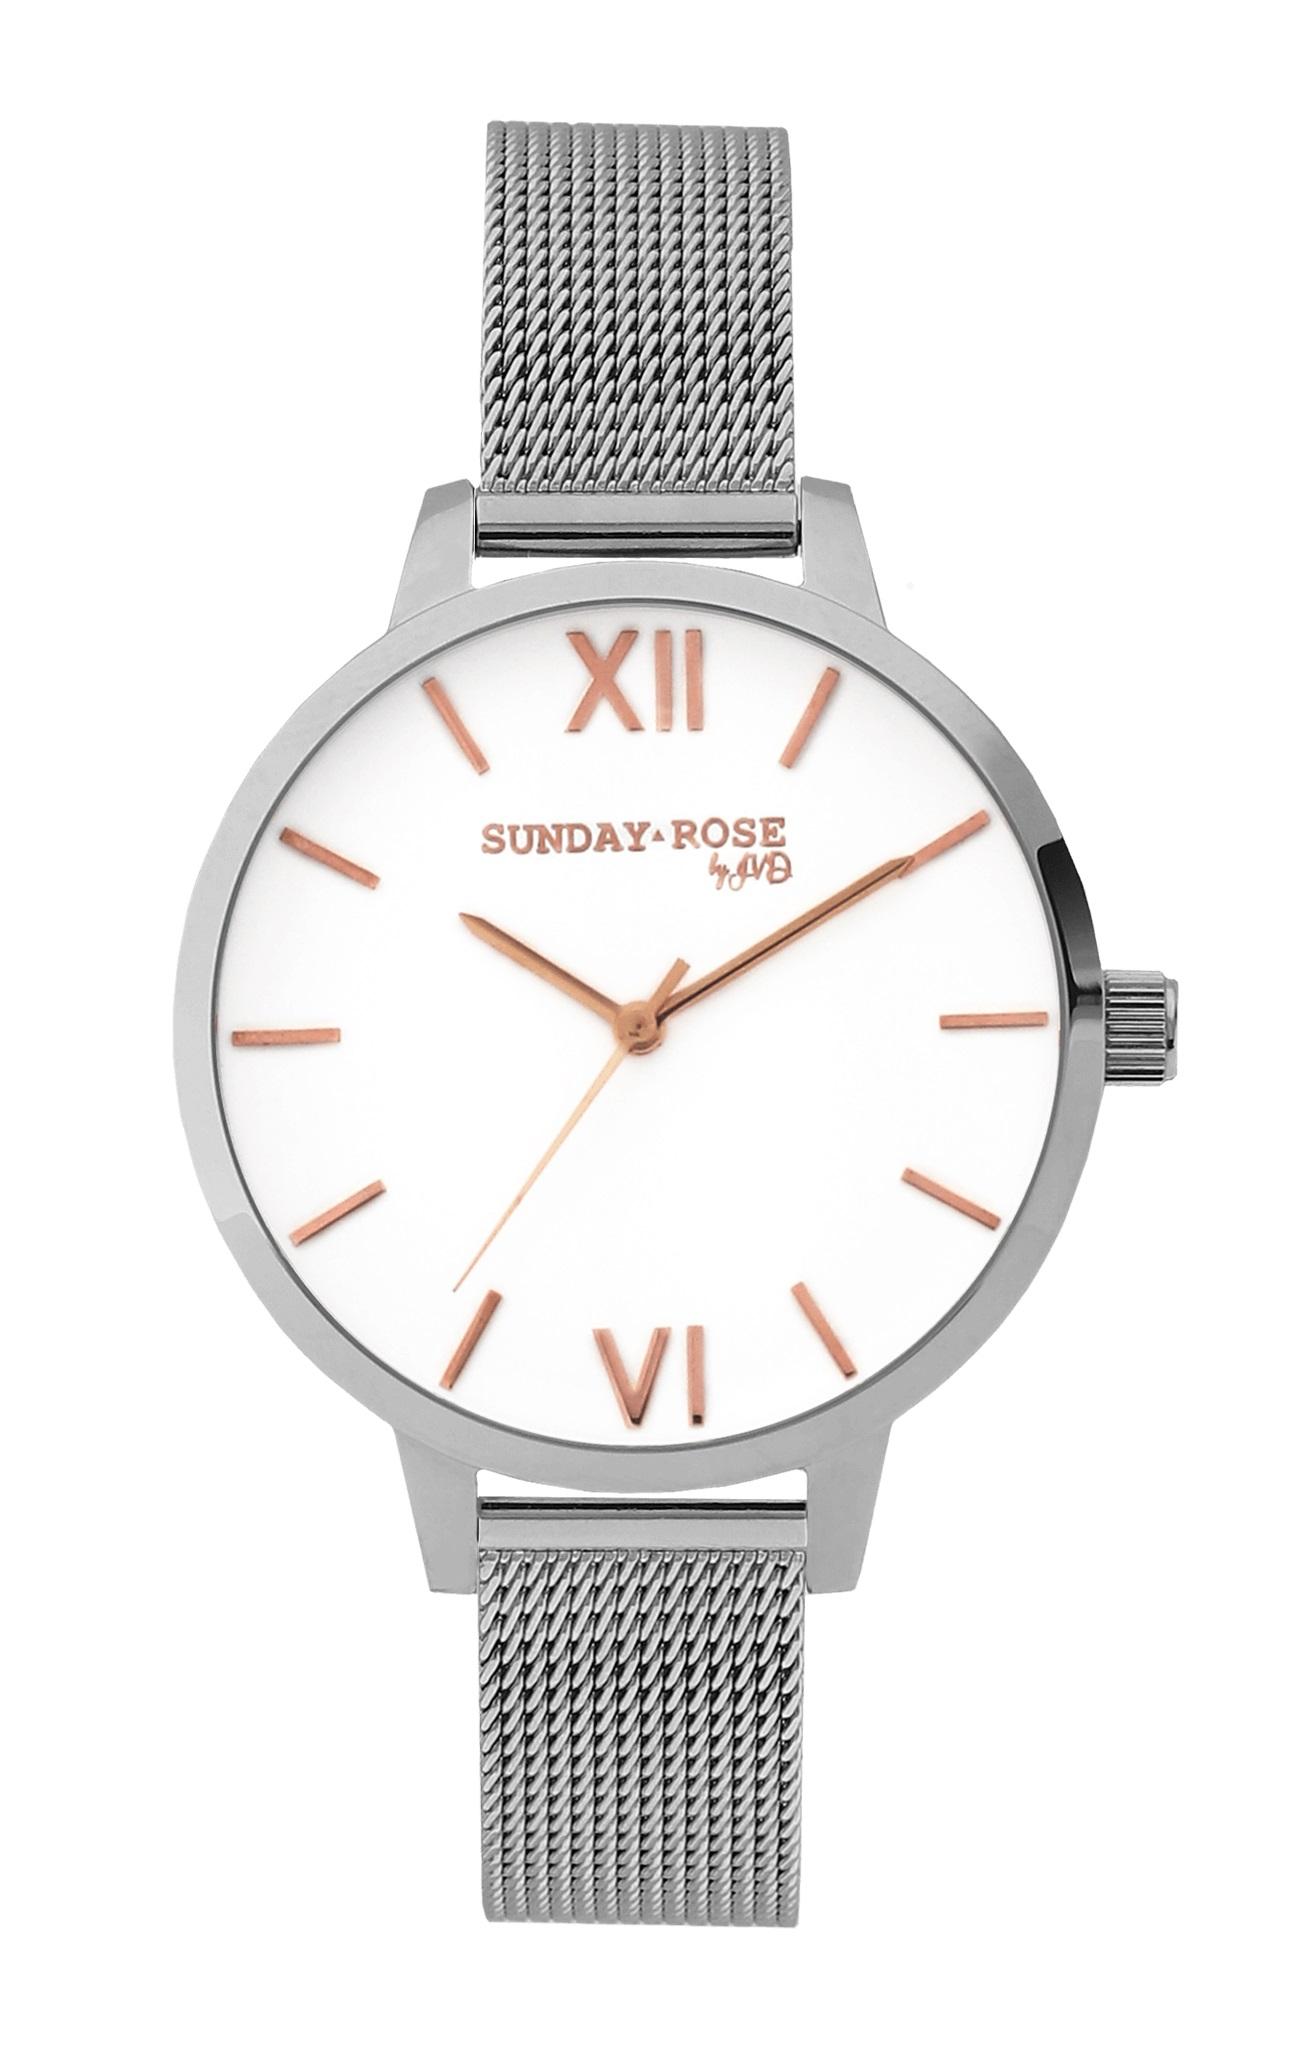 Dámské luxusní designové hodinky SUNDAY ROSE Fashion SILVER LOVE (POŠTOVNÉ ZDARMA!!)